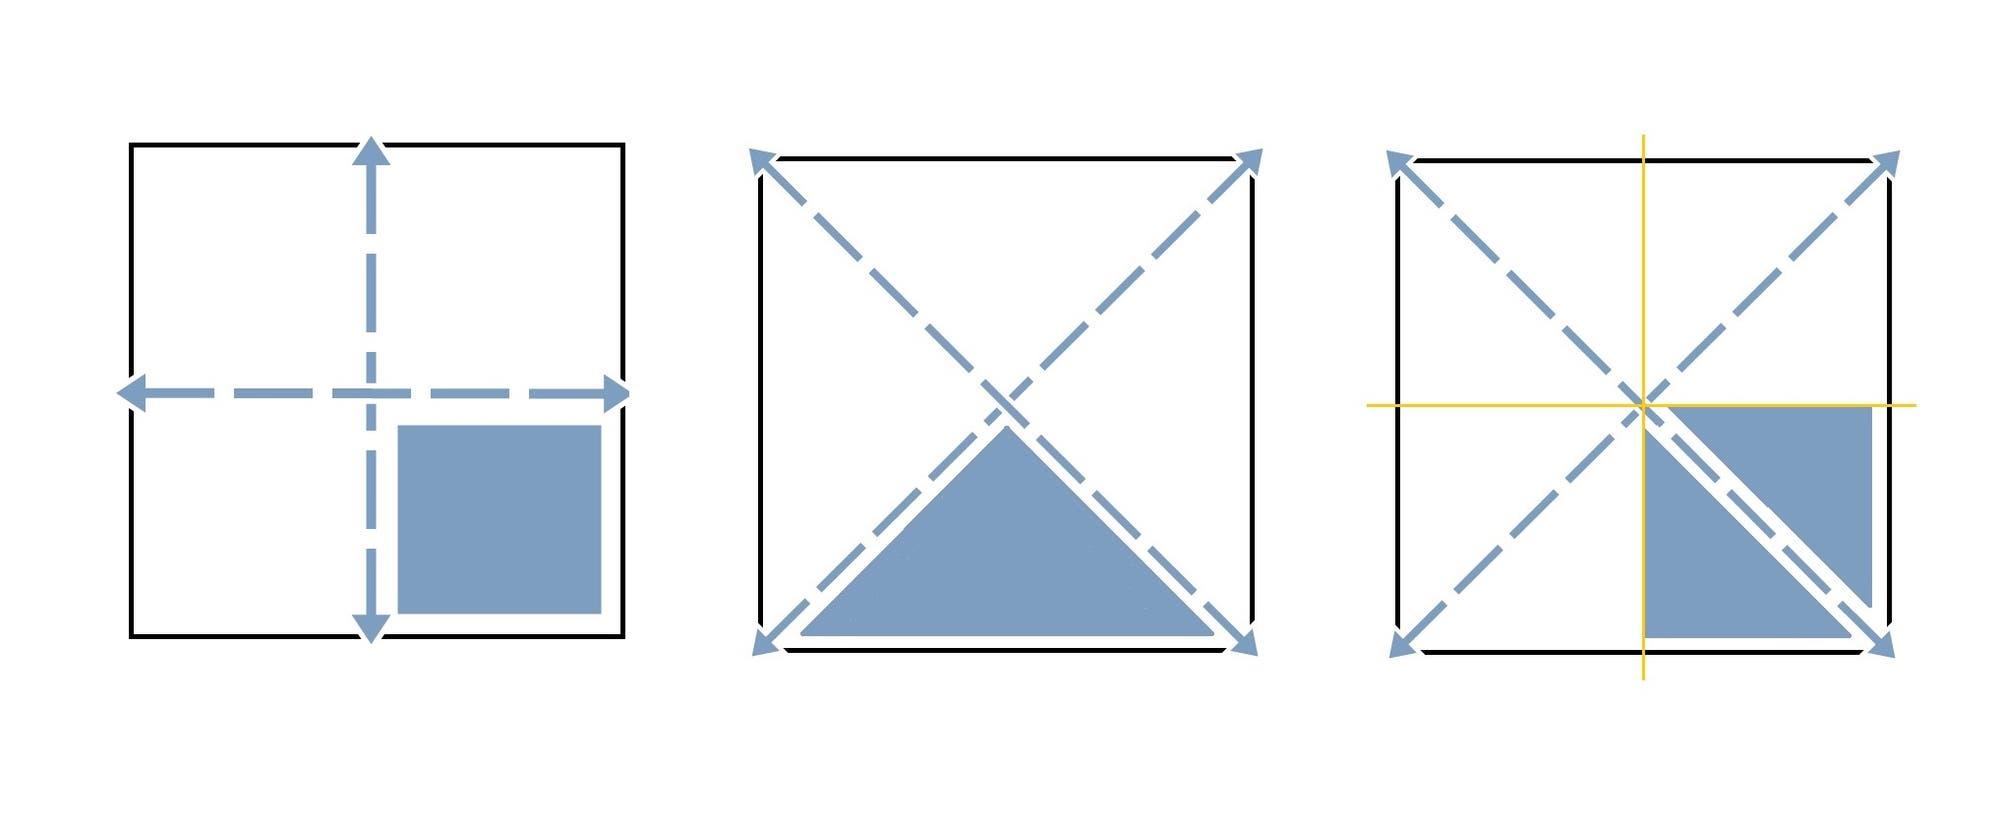 Wie man mit Faltungen die Invarianz des Flächeninhalts gegen Formveränderung veranschaulicht